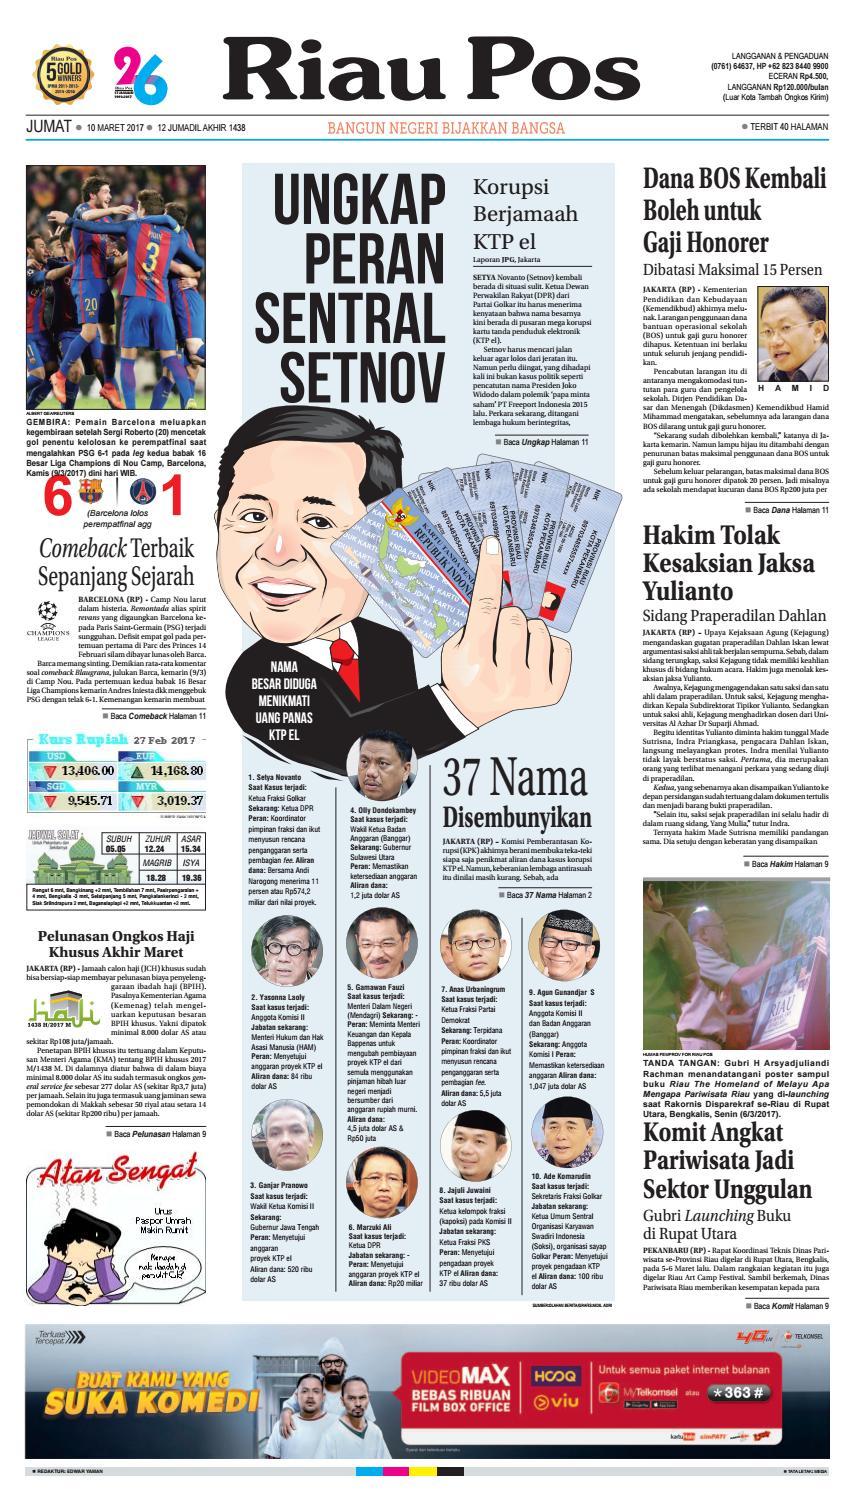 2017 03 10 By Riau Pos Issuu Tcash Vaganza 28 Sambal Bawang Bu Rudy Khas Surabaya